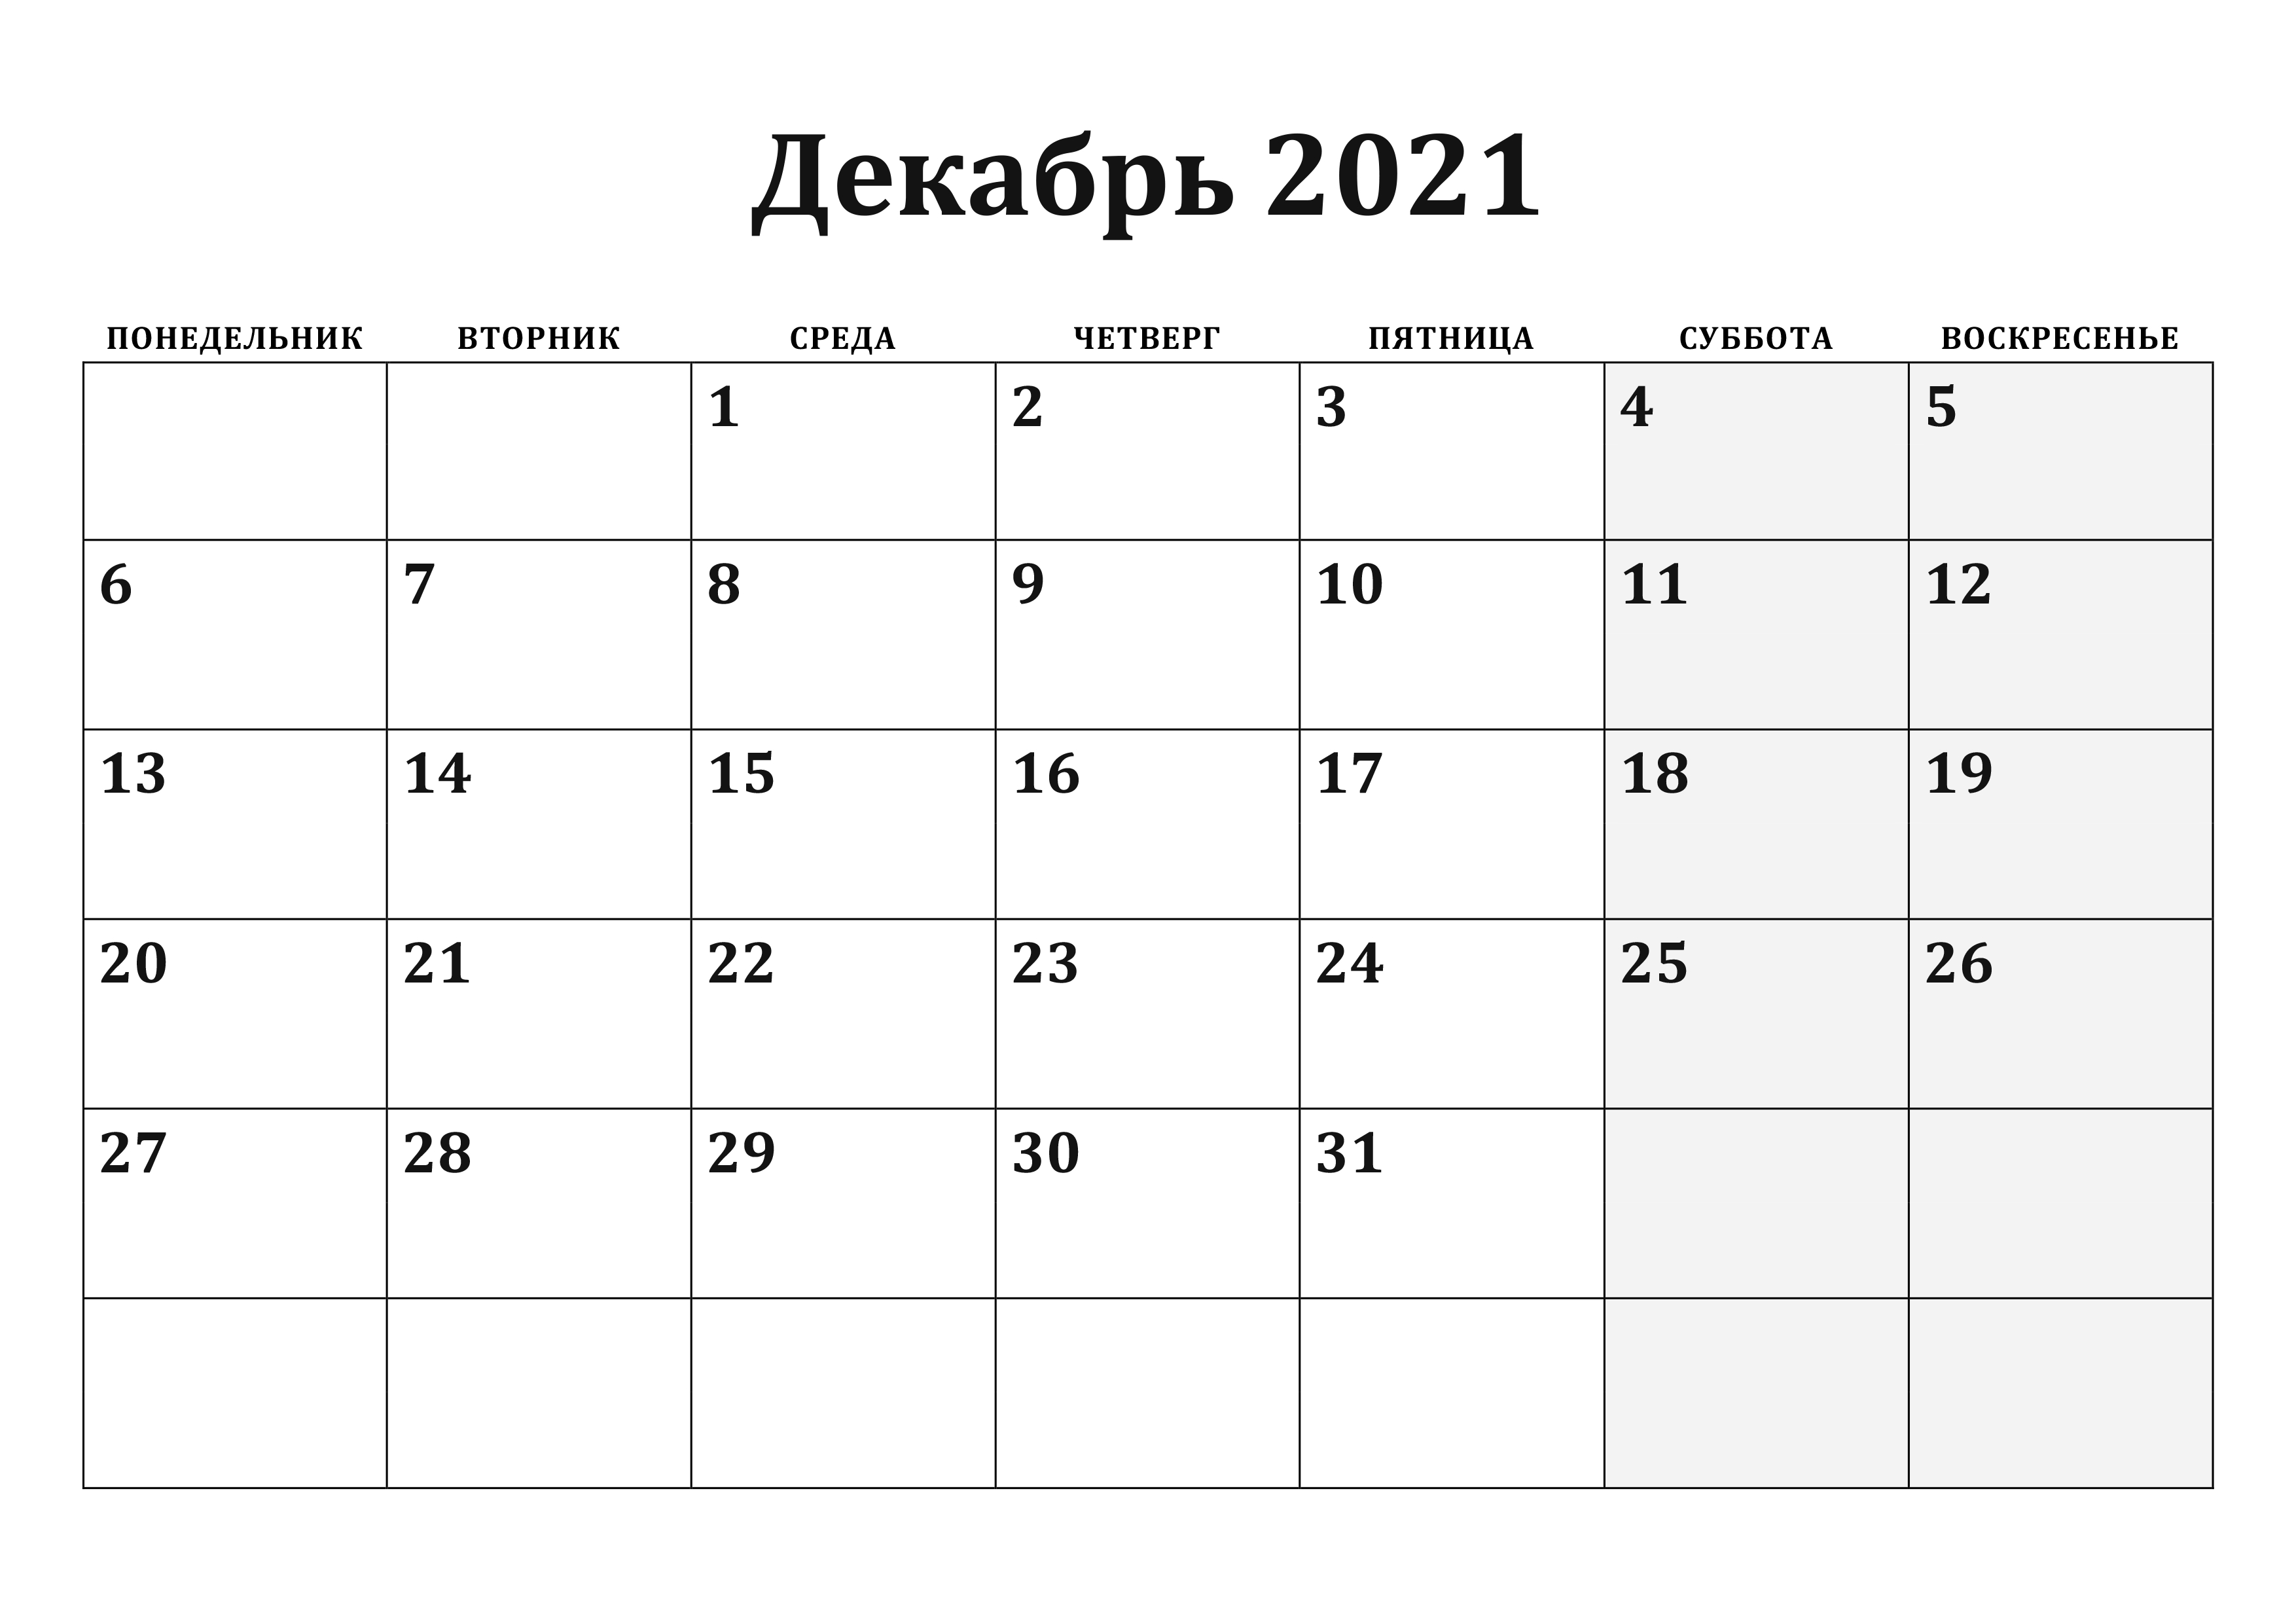 Календарь На Декабрь 2021: Скачать И Распечатать — 3Mu.ru Сетка Декабря 2021